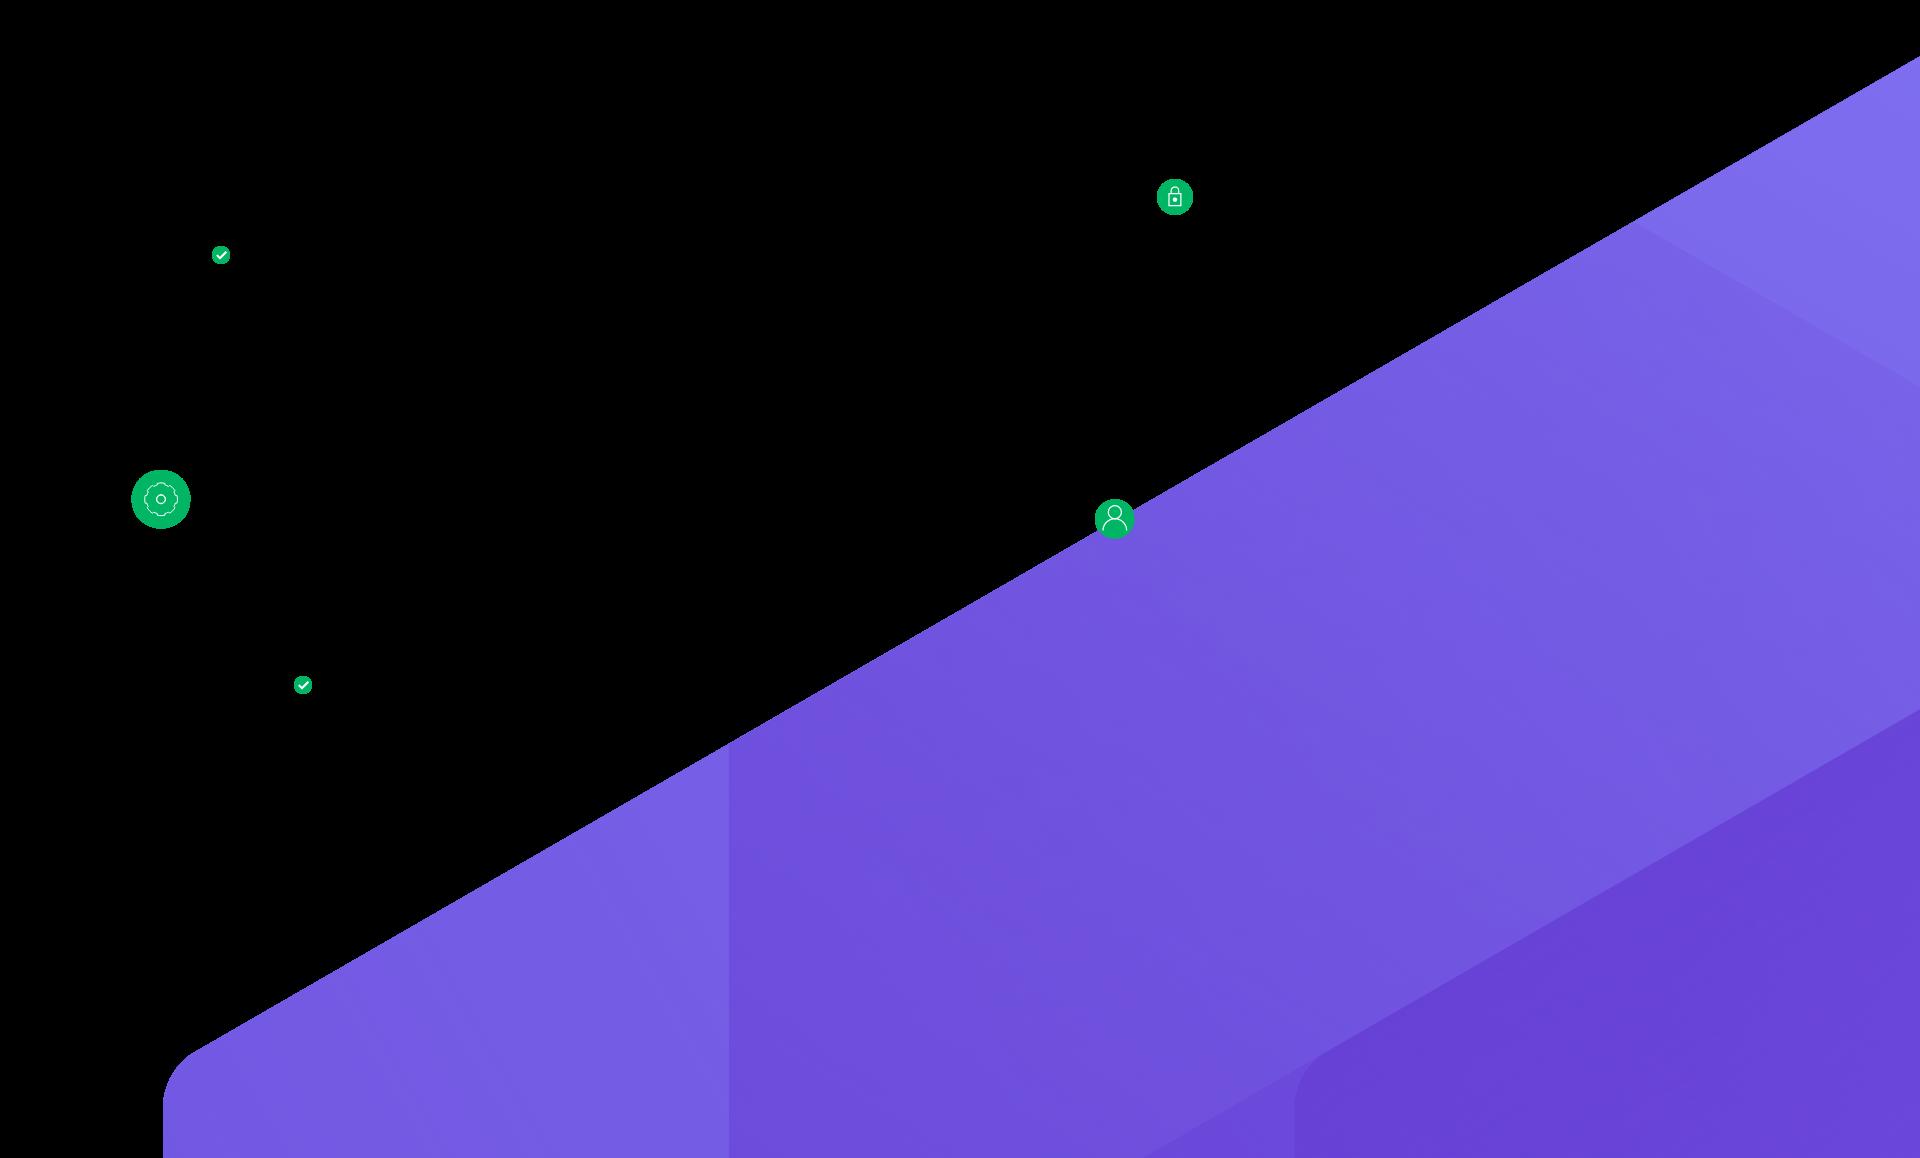 PurpleHex